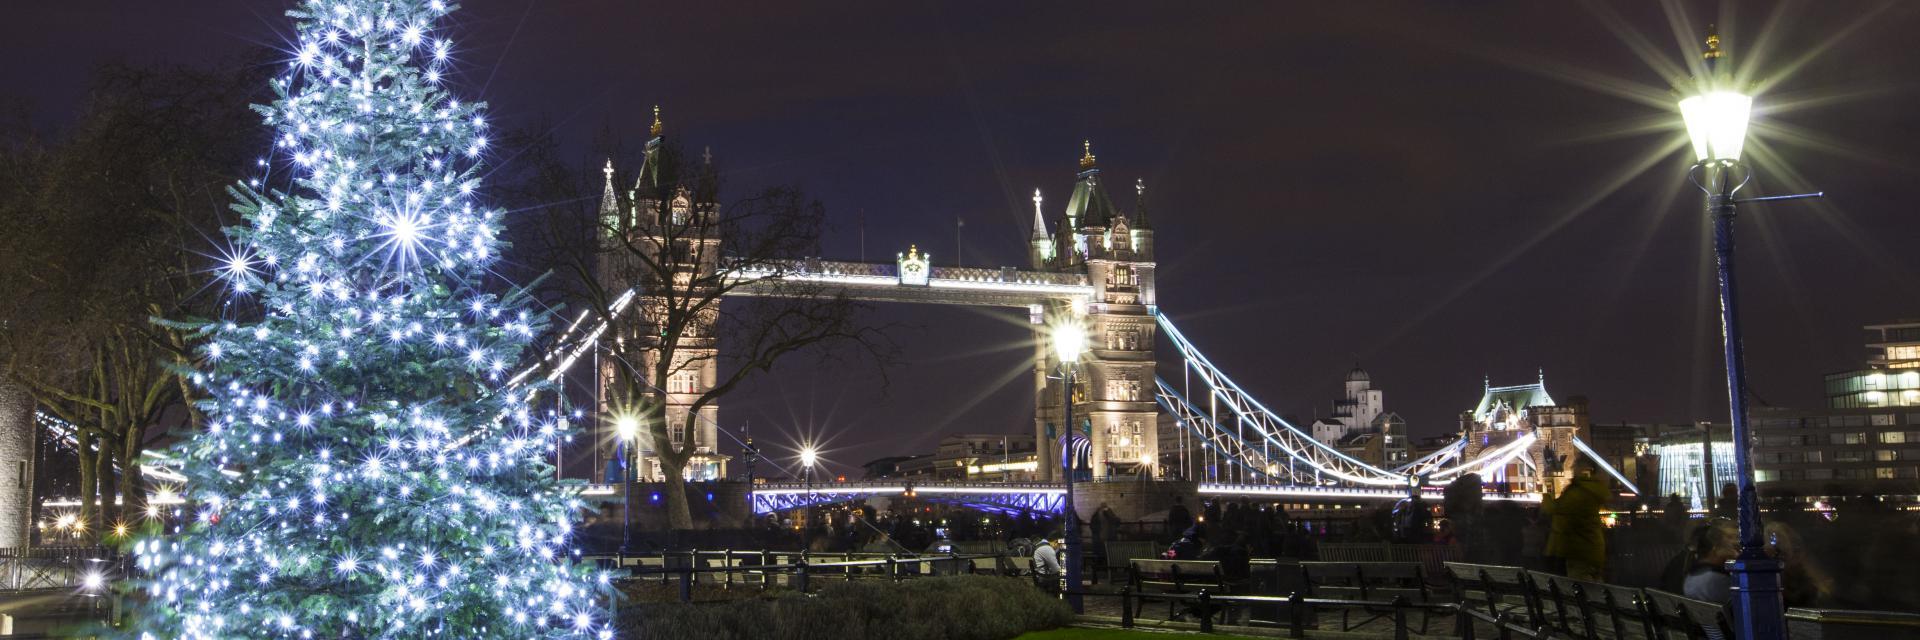 An Weihnachten In London Aktivitäten Von Heiligabend Bis 26 Dezember